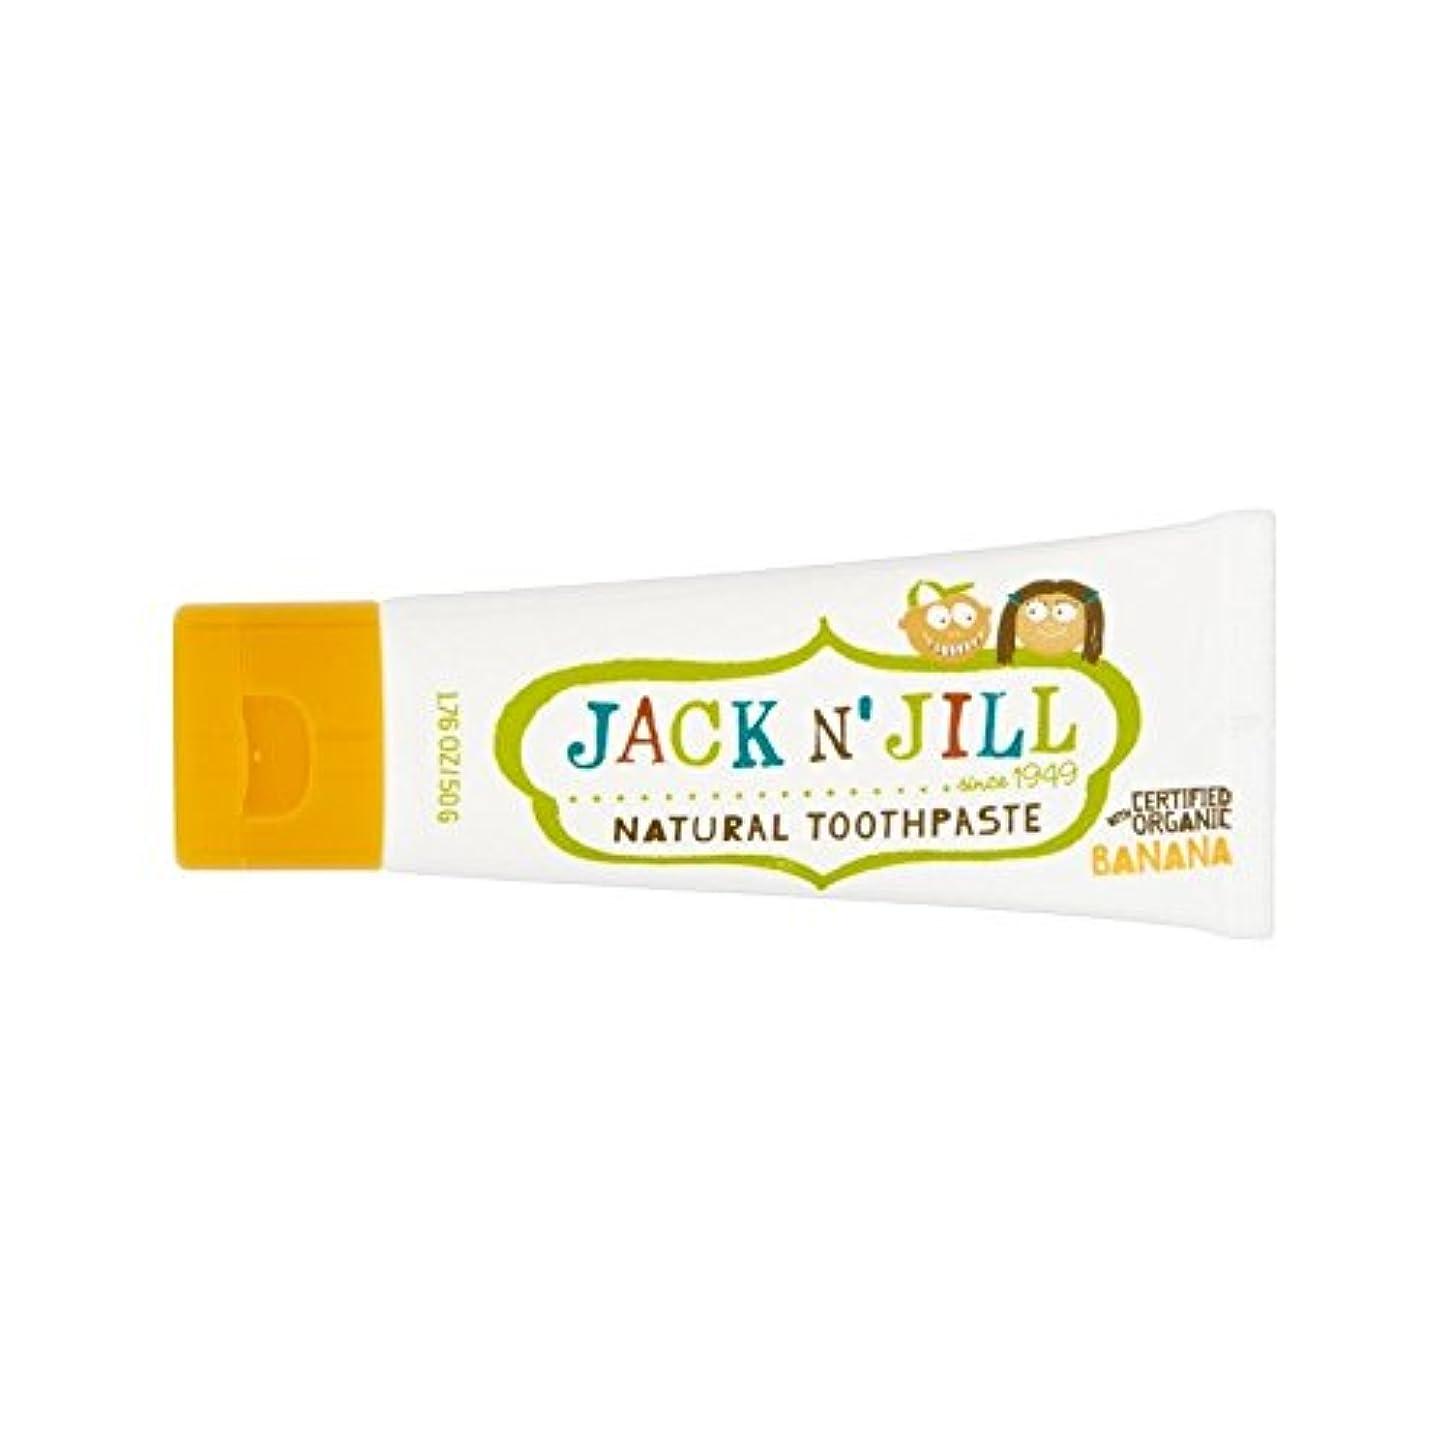 膨張する呼吸するビバ有機香味50グラムと自然バナナ歯磨き粉 (Jack N Jill) - Jack N' Jill Banana Toothpaste Natural with Organic Flavouring 50g [並行輸入品]